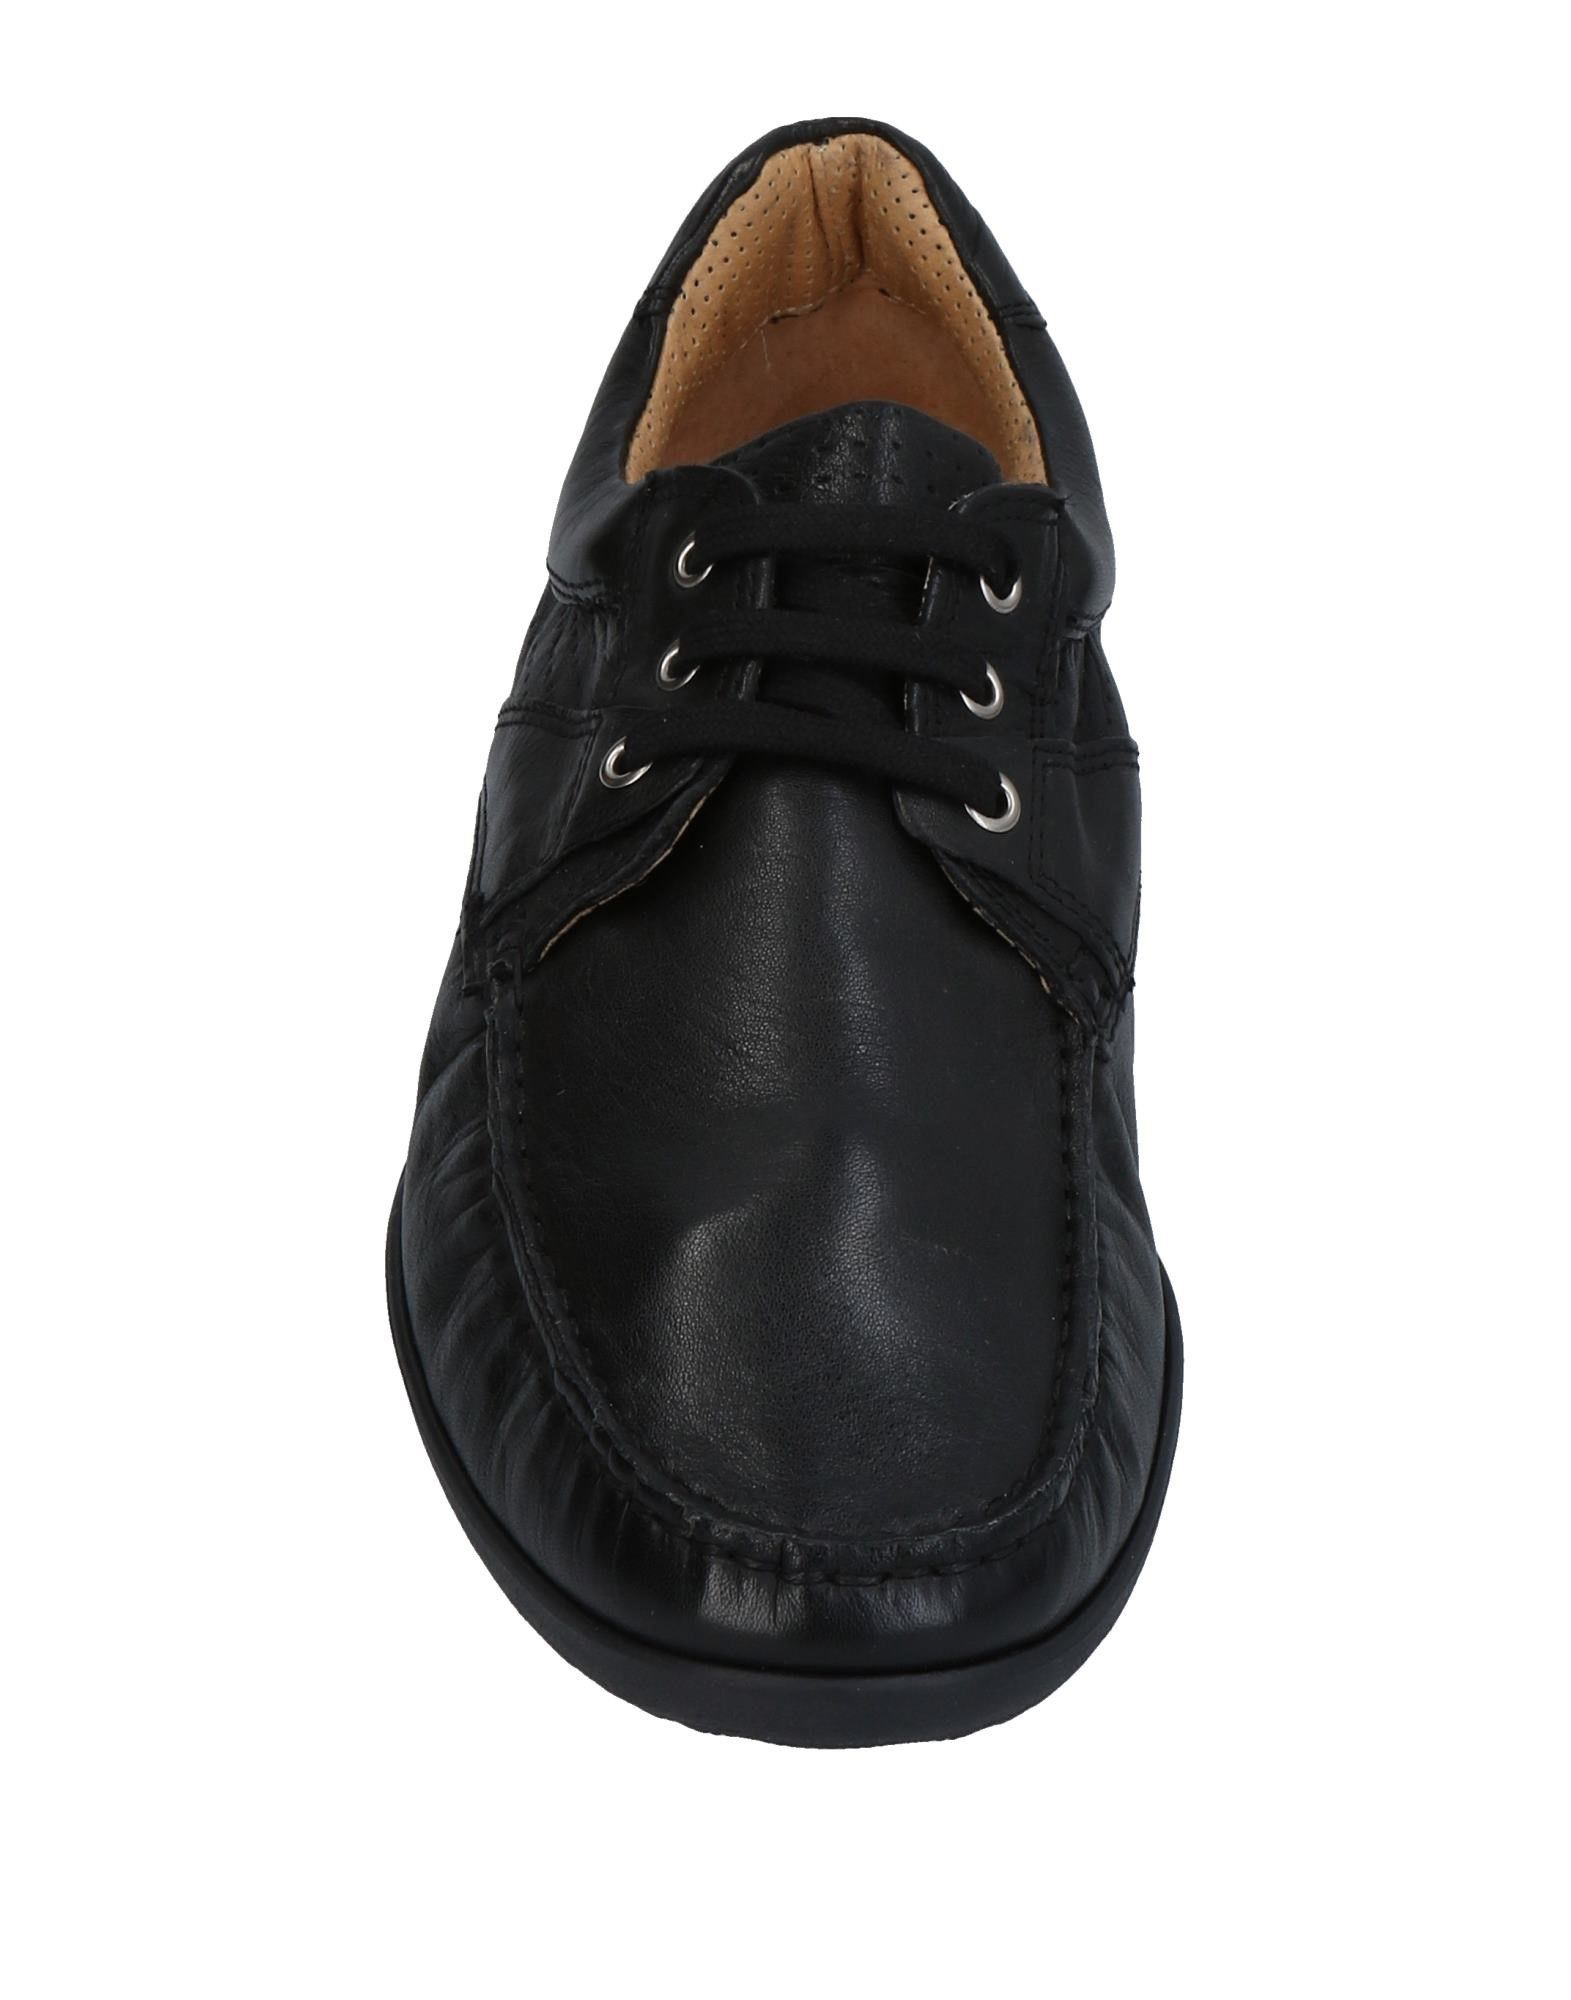 Rabatt Herren echte Schuhe Varese Sneakers Herren Rabatt  11463001OW bf4467